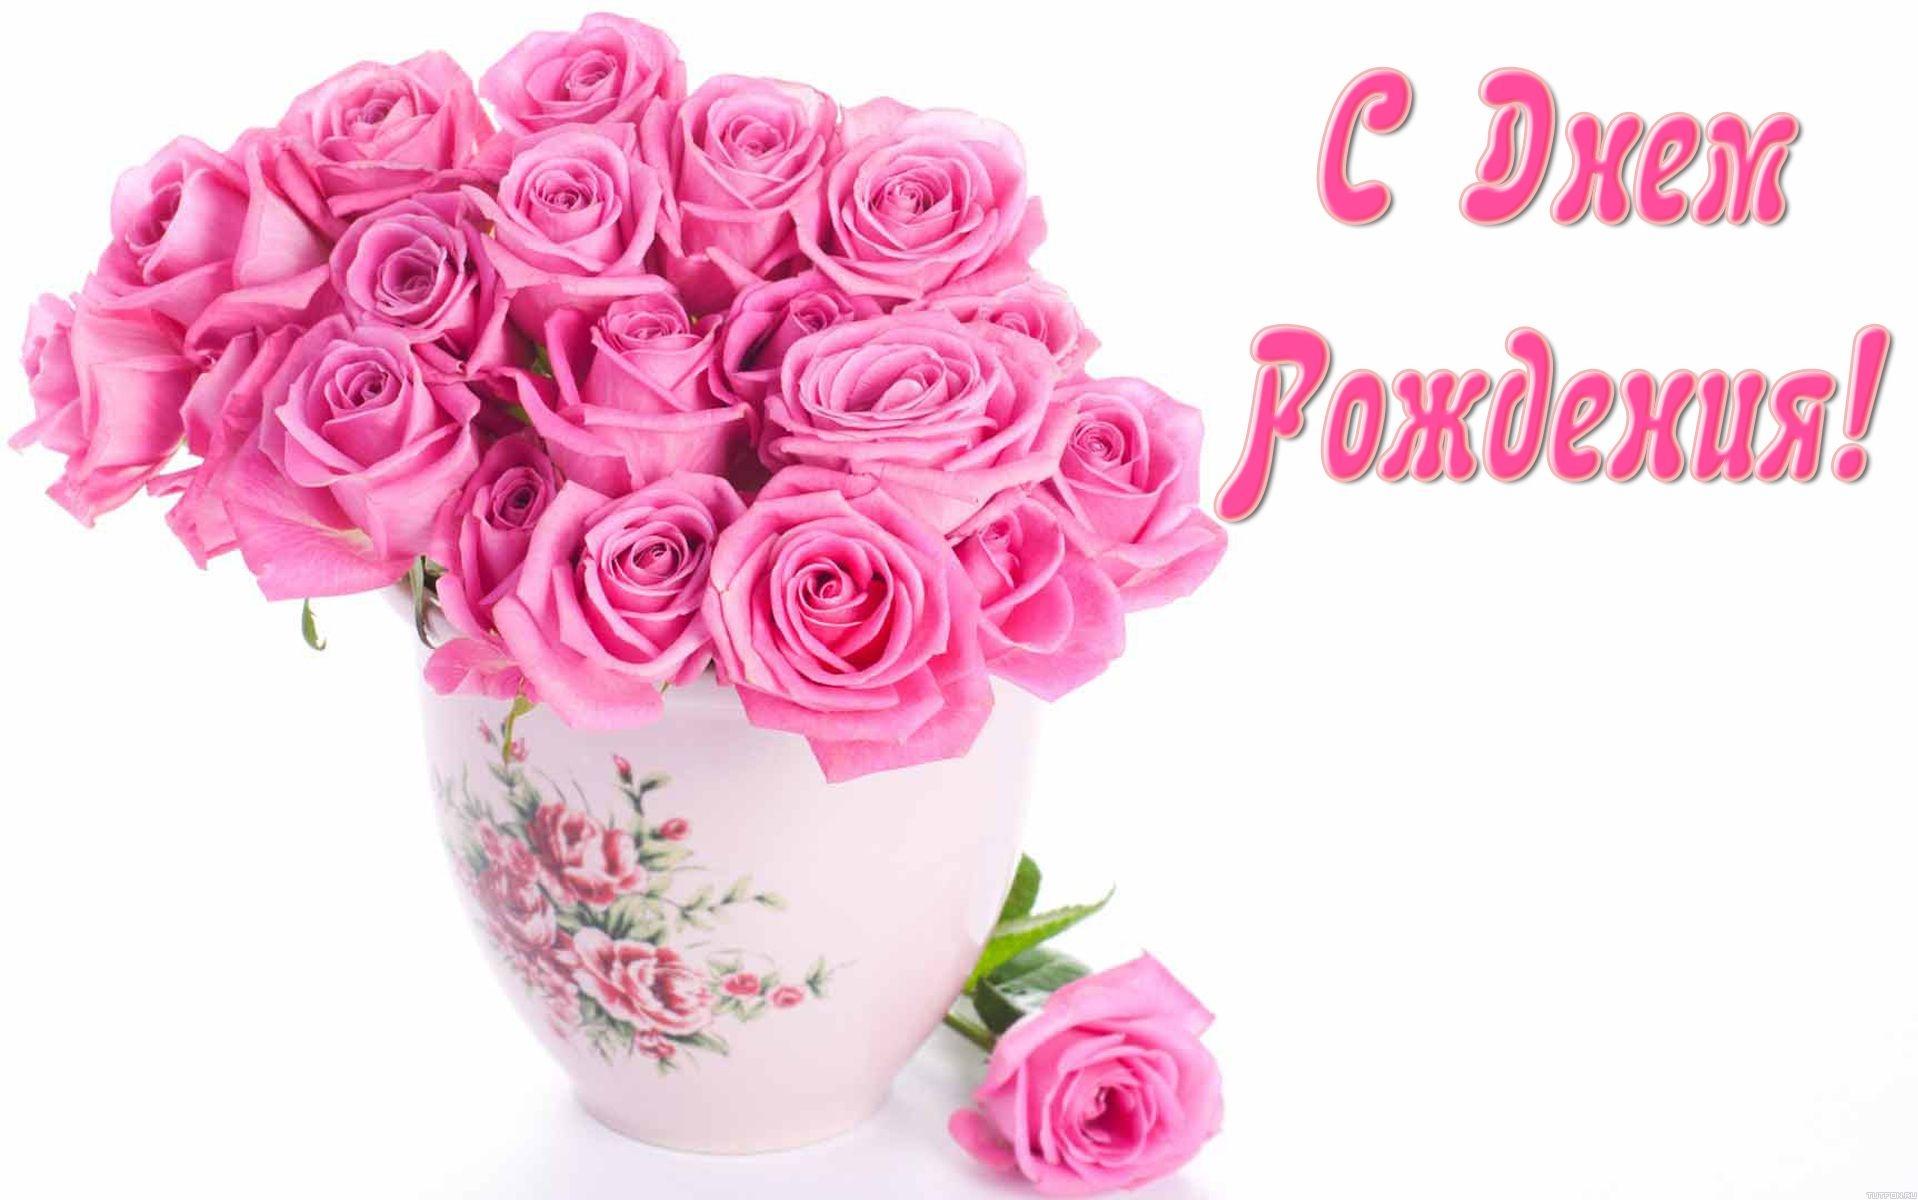 rozy-v-krasivoy-vaze_20160212_1706708715.jpg